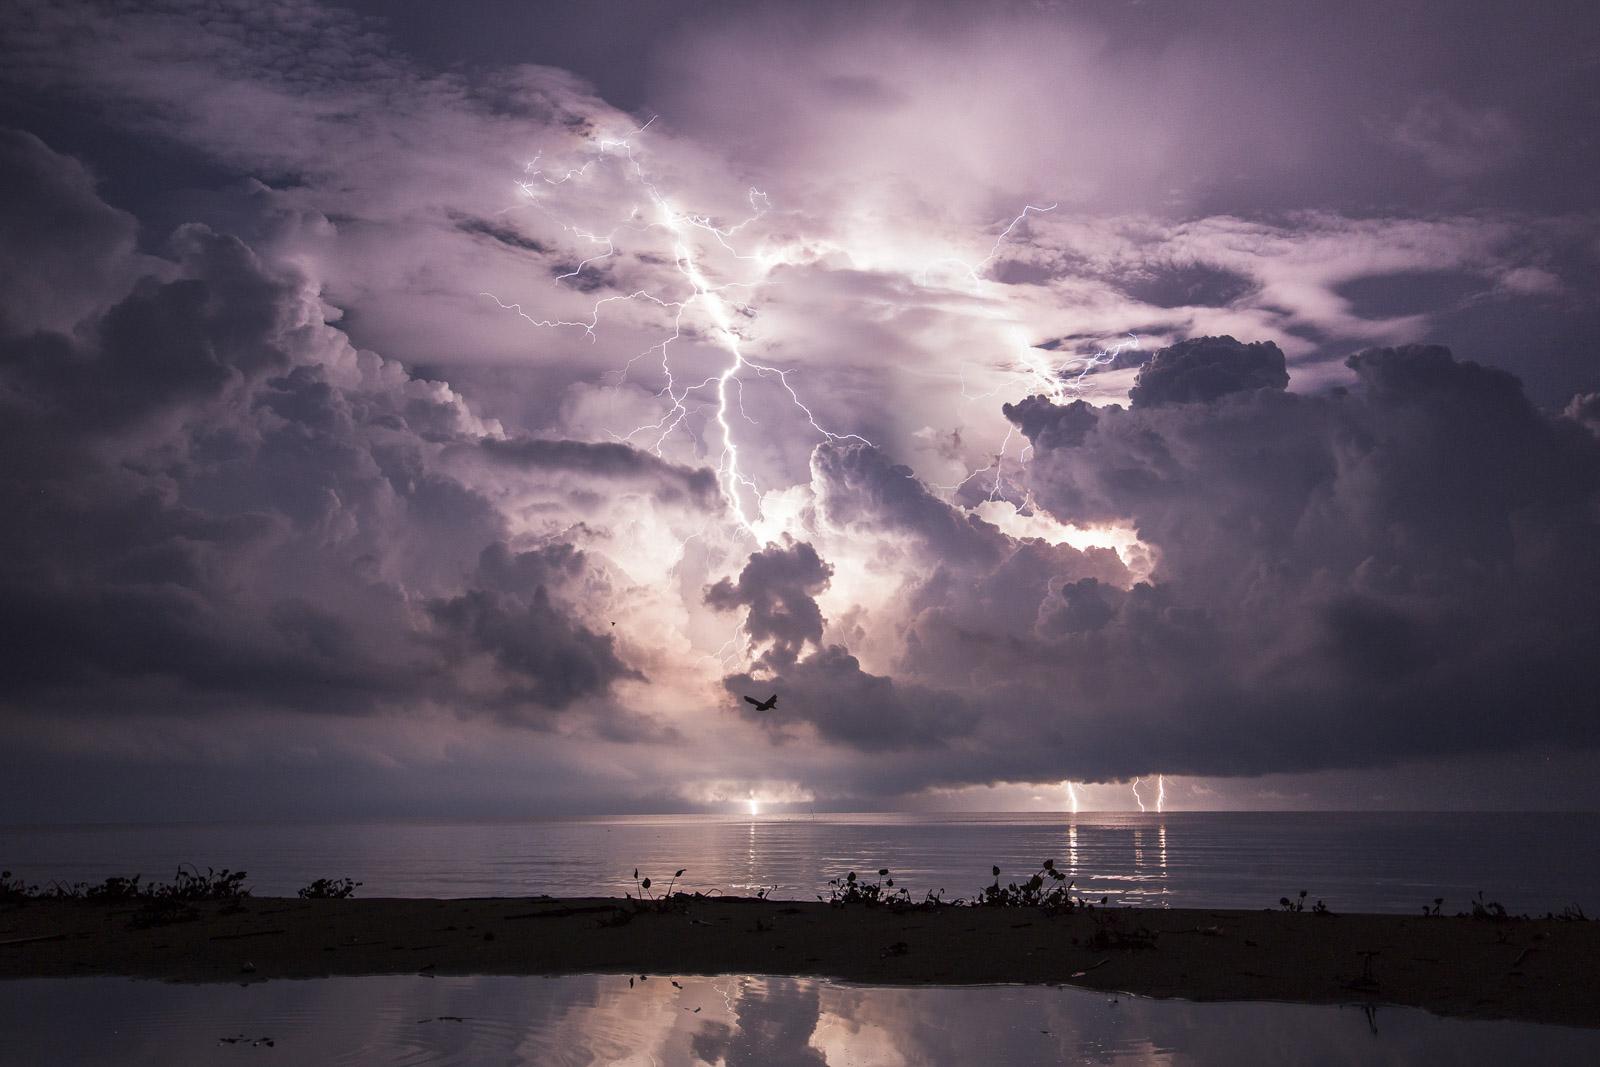 Jason Piotnek Storm Chaser